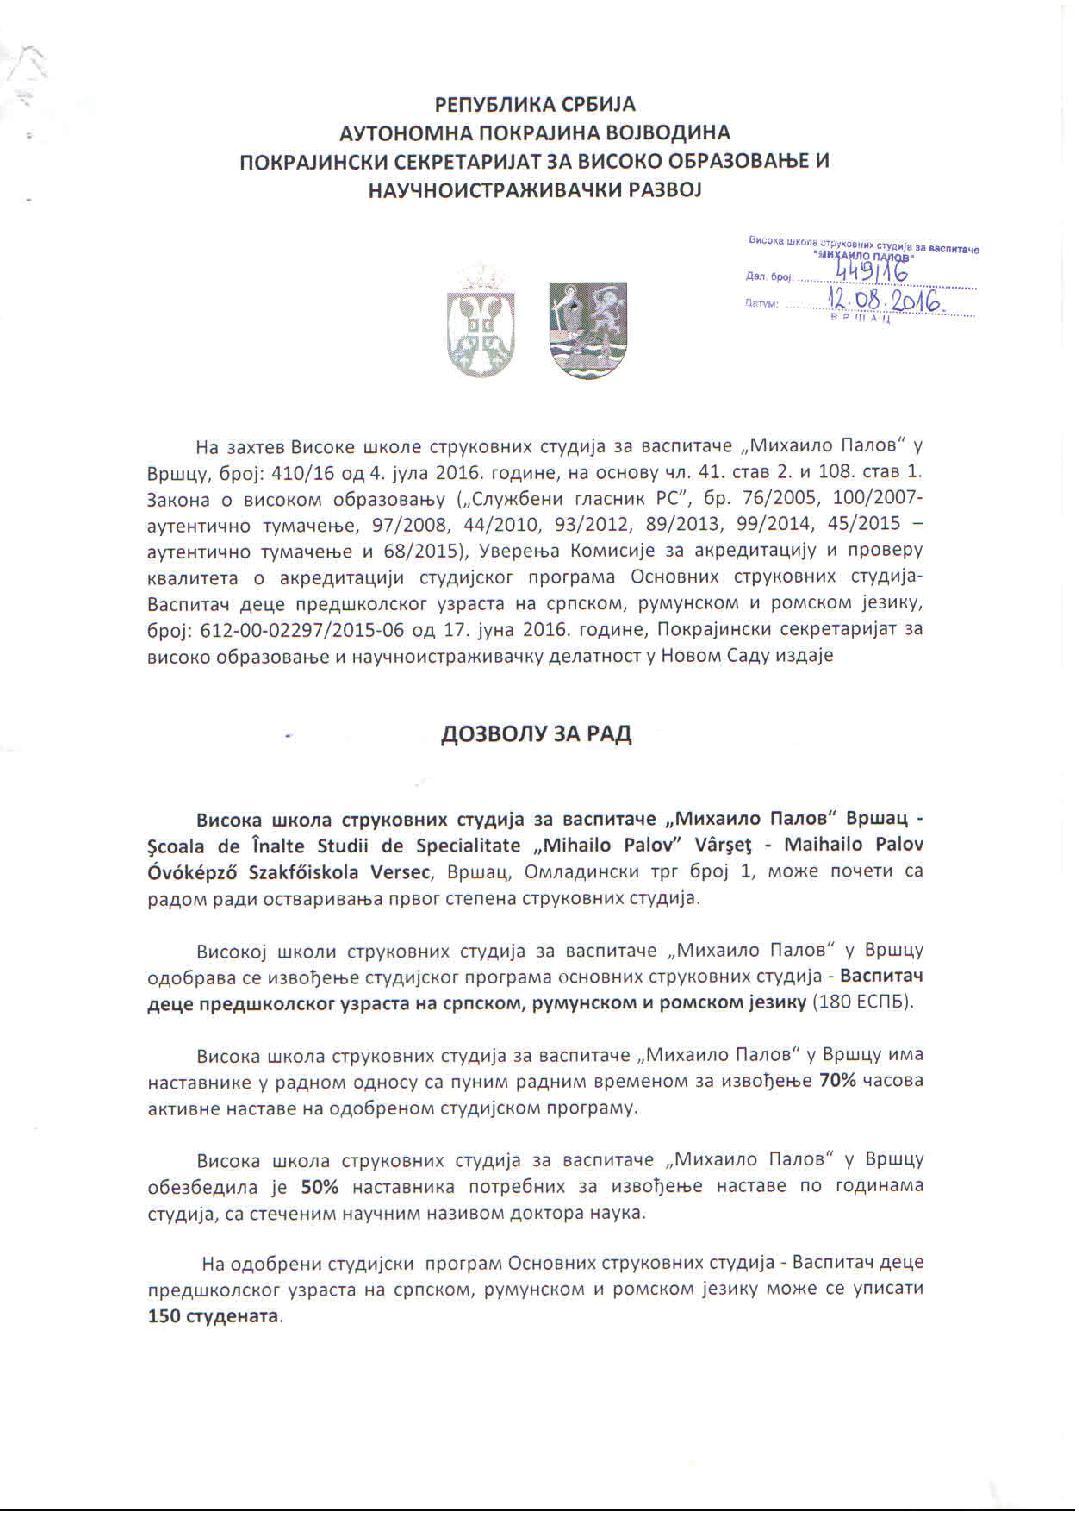 Dozvola za rad akreditacija 2016 TEMPUS-001